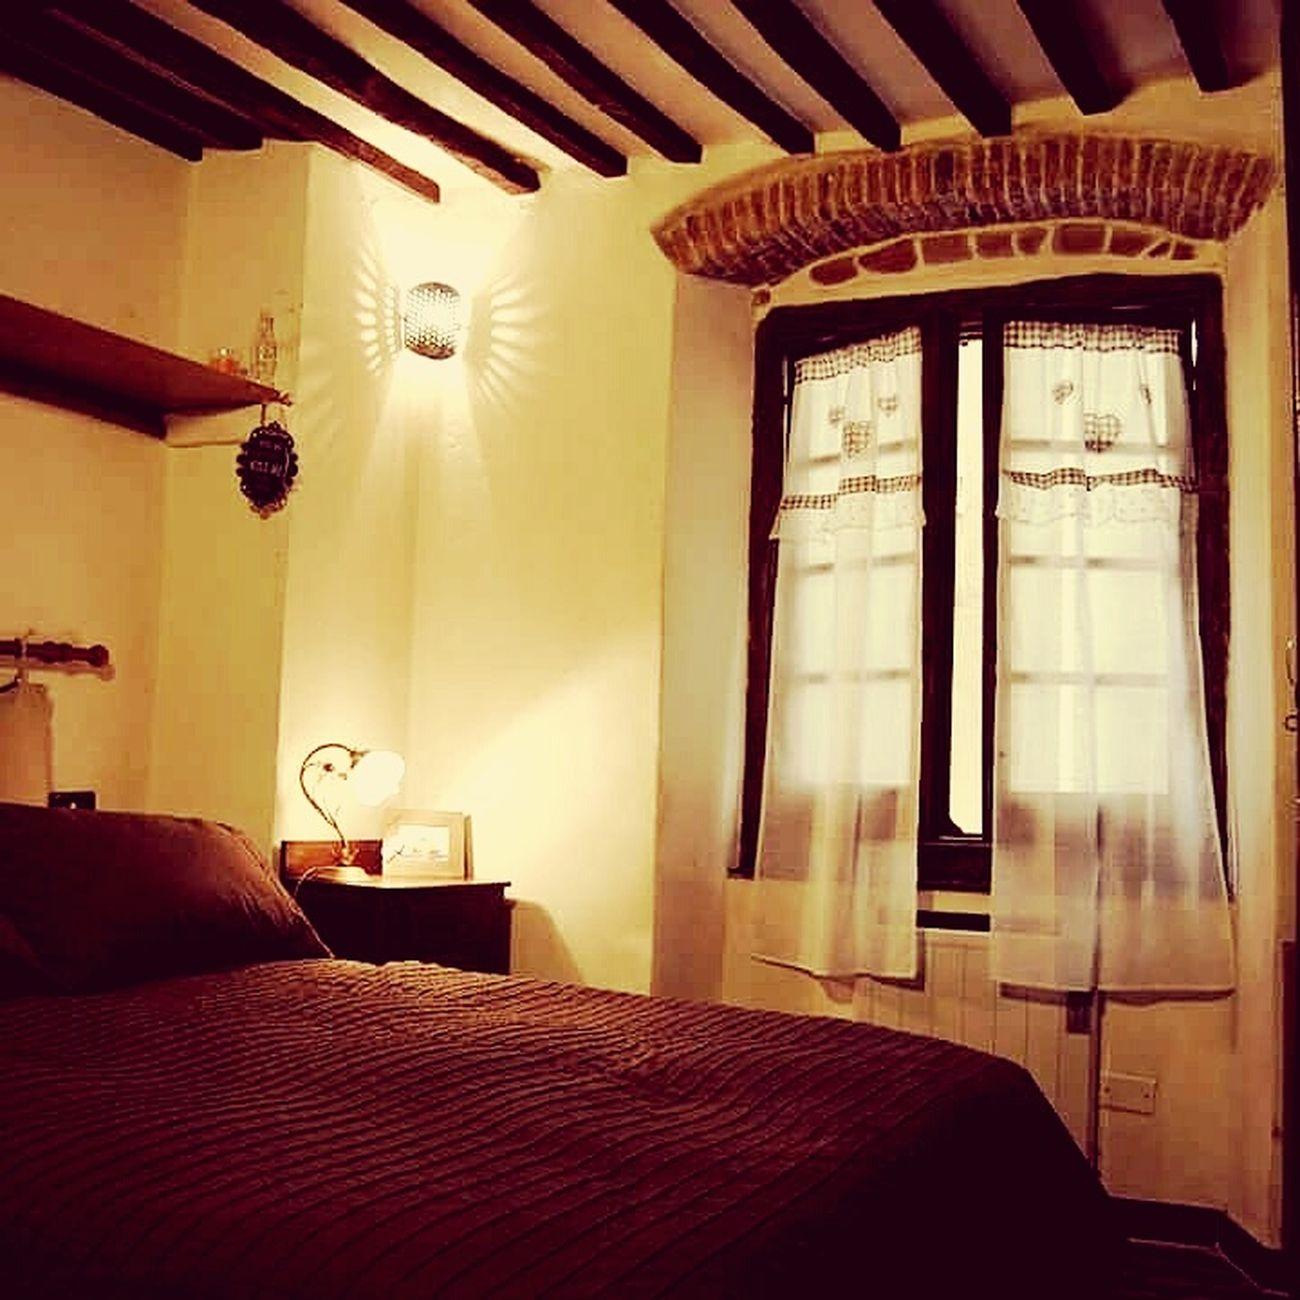 Luxury Indoors  Bed Bedroom No People Wealth Day vico luna